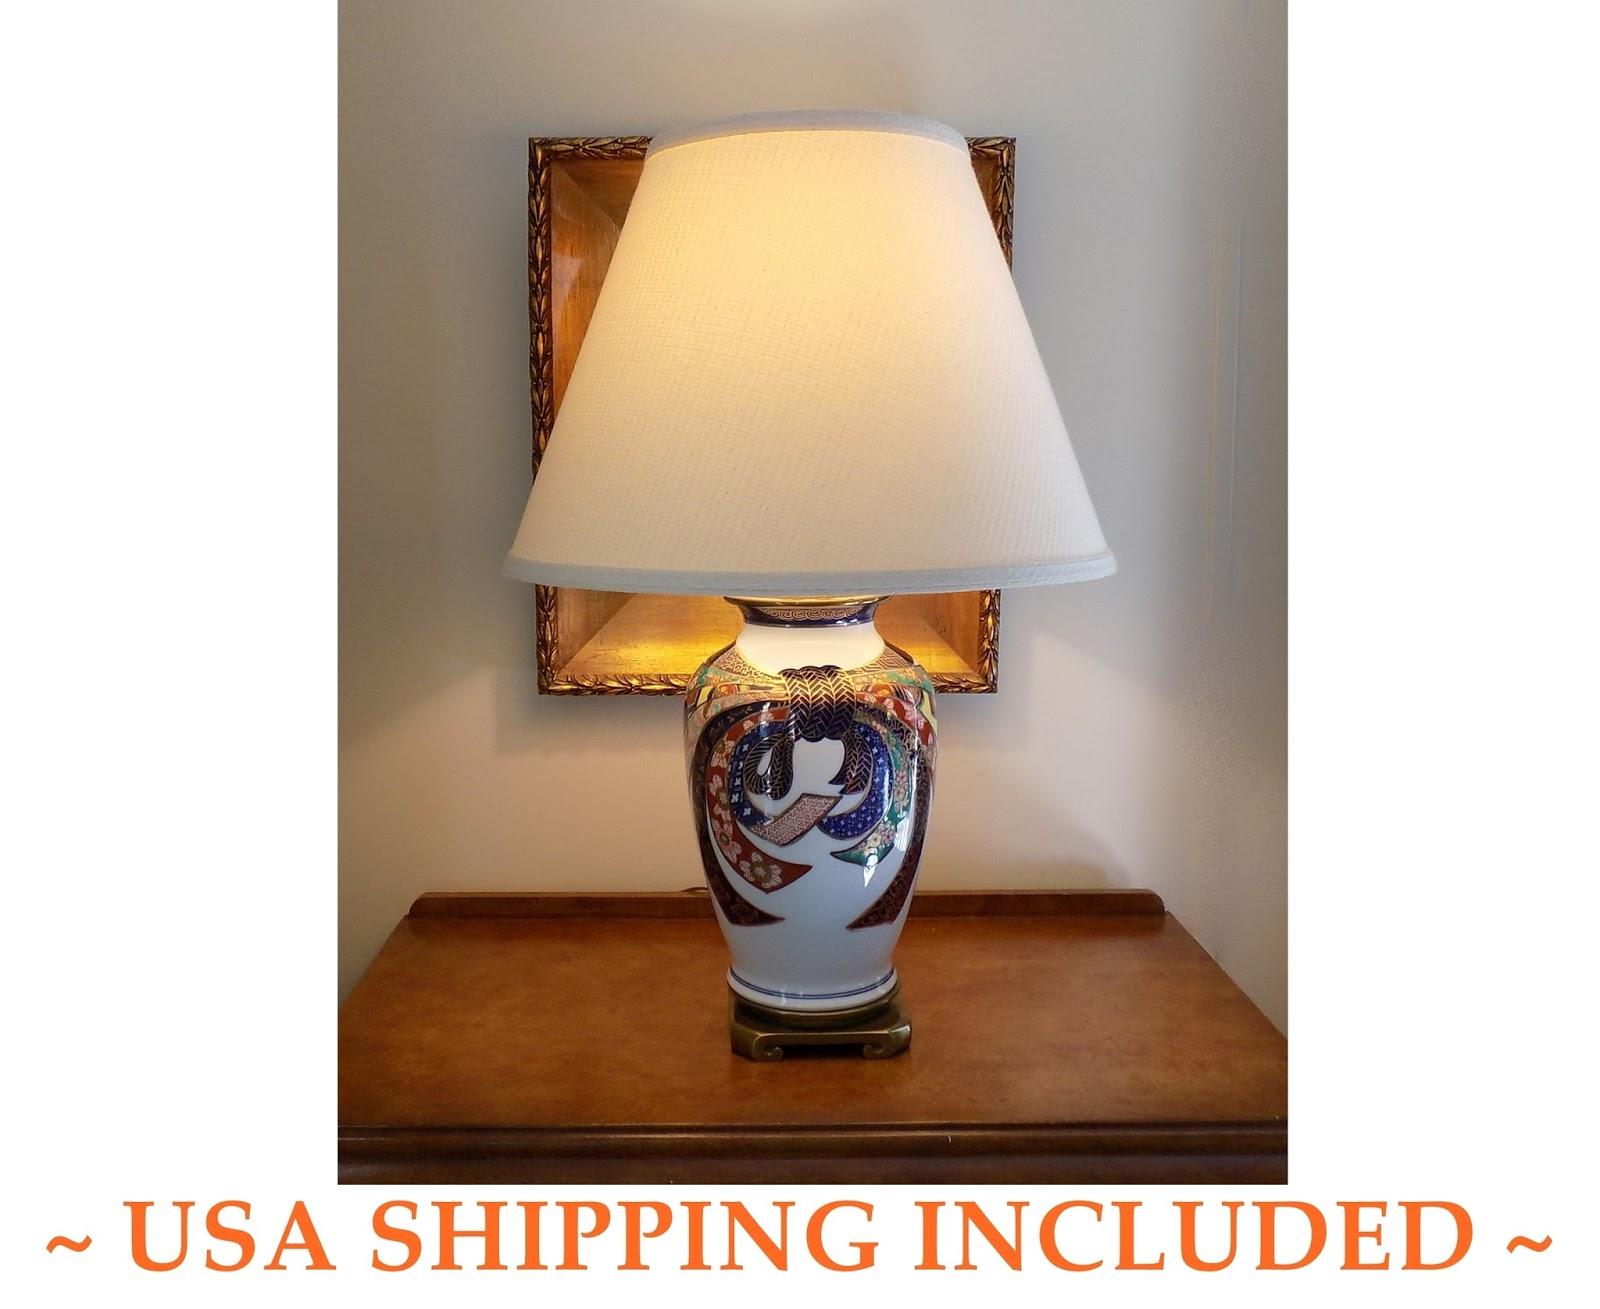 Vintage lamp by paul hanson antique decor 1960s chinoiserie table lamp by paul hanson aloadofball Images